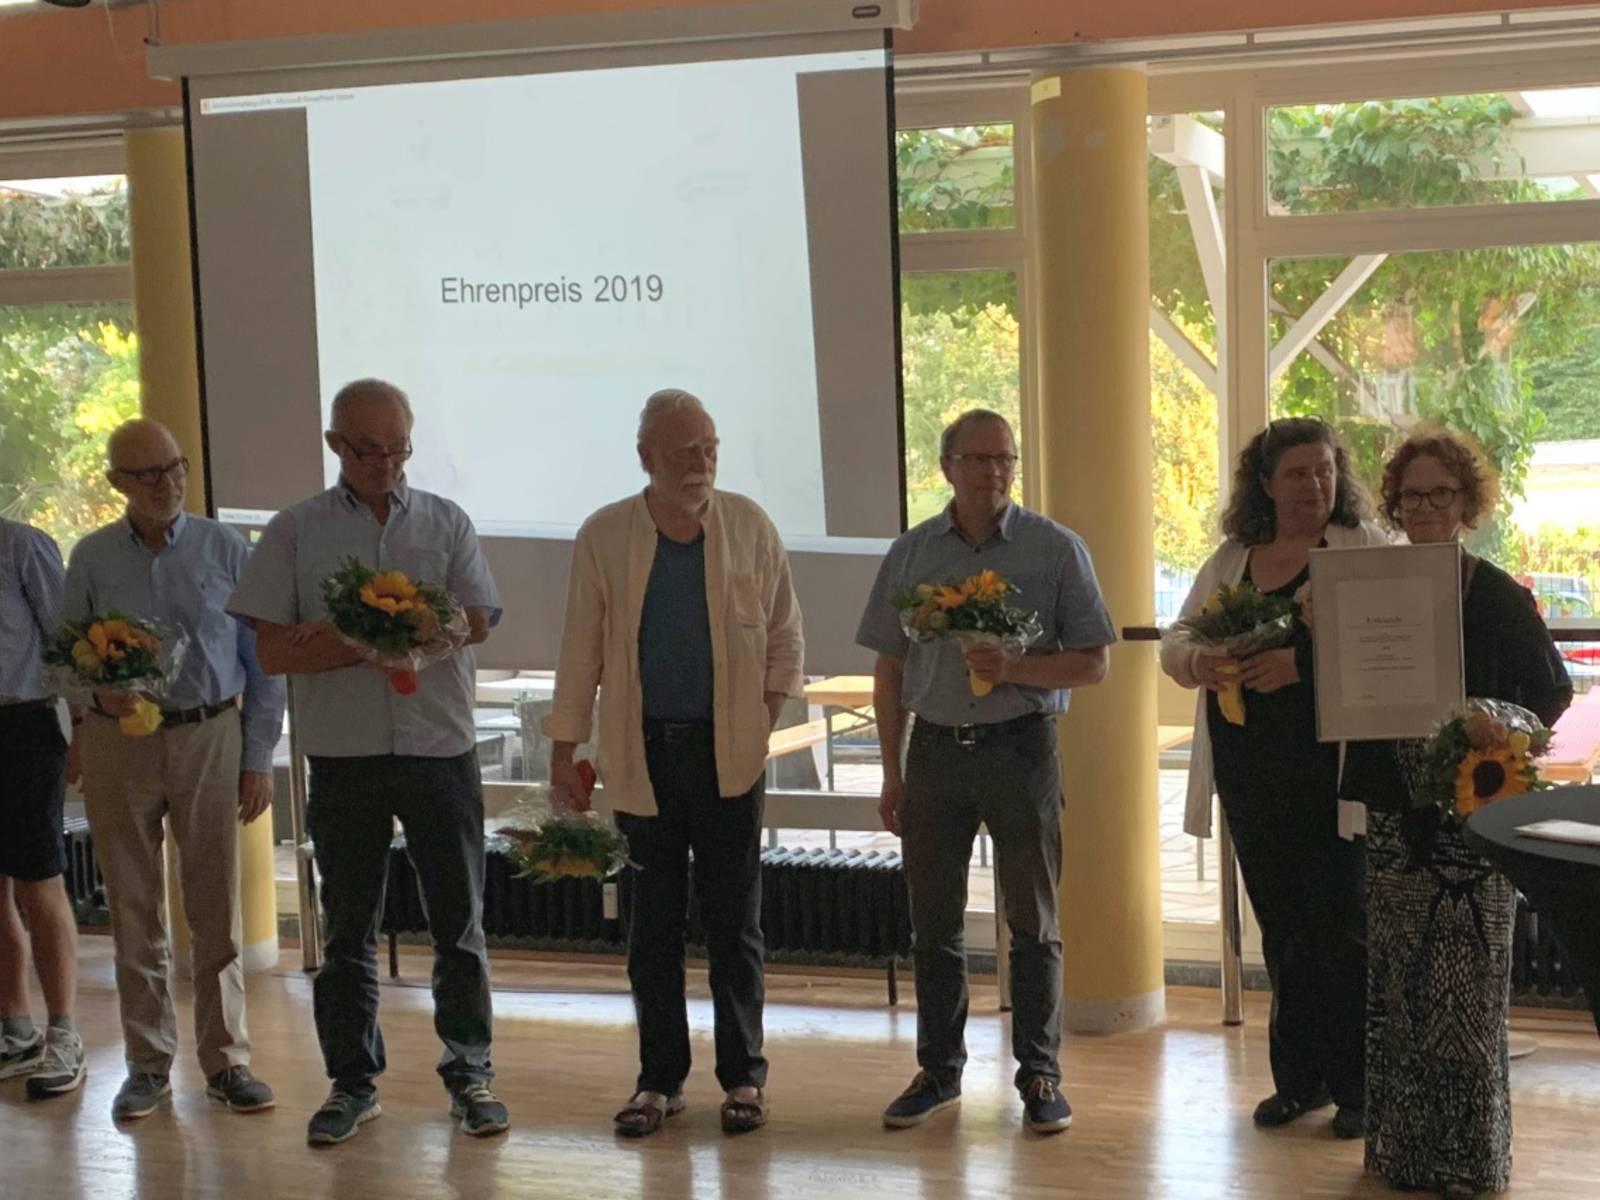 Bürgerpreis für die AG KZ Stöcken, August 2019